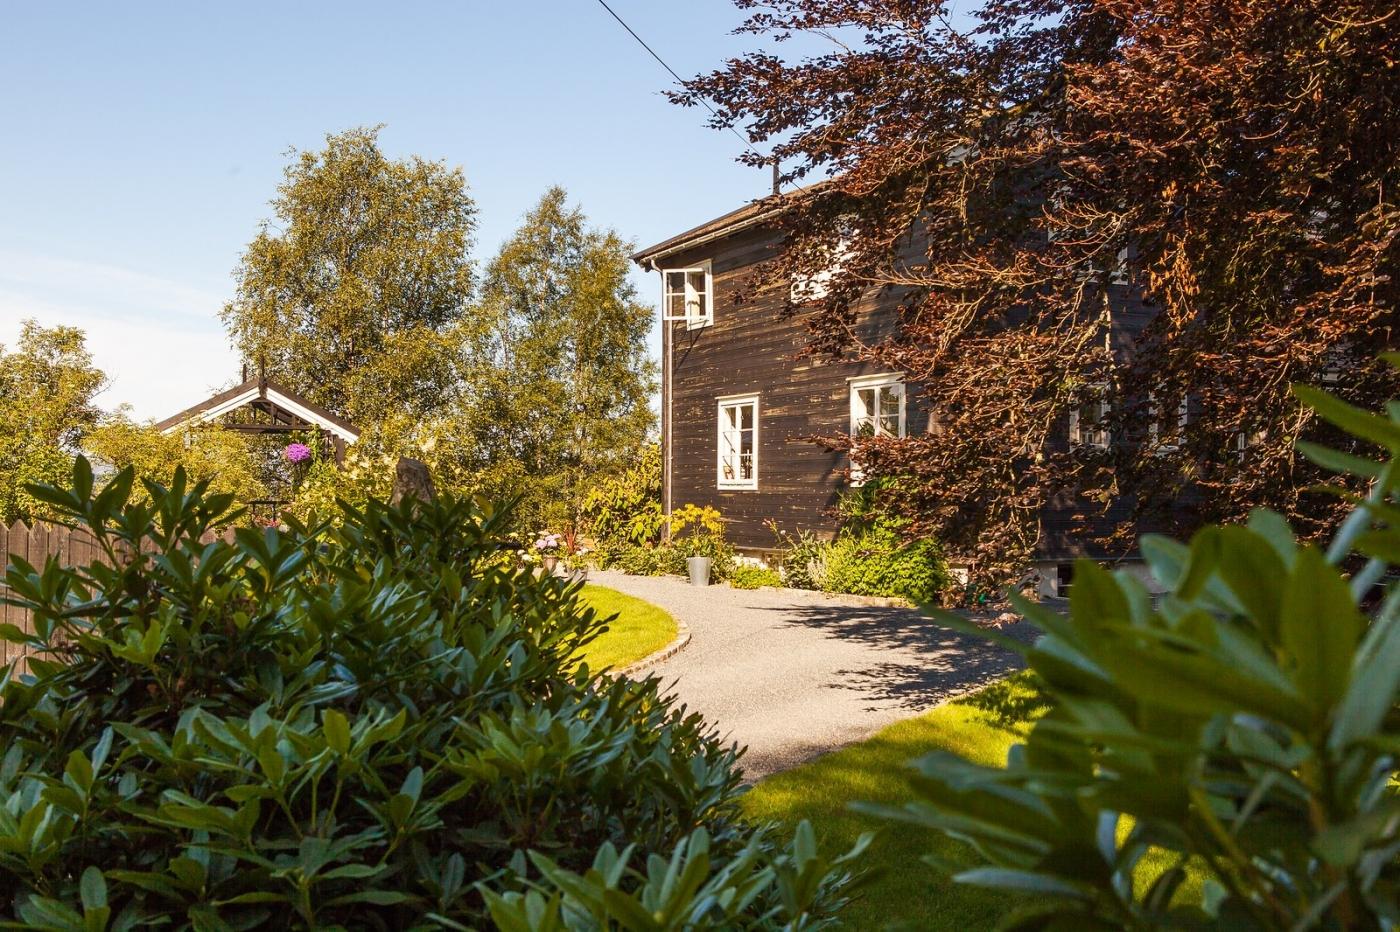 挪威作曲家爱德华-格里格,故居环境很漂亮_图1-13